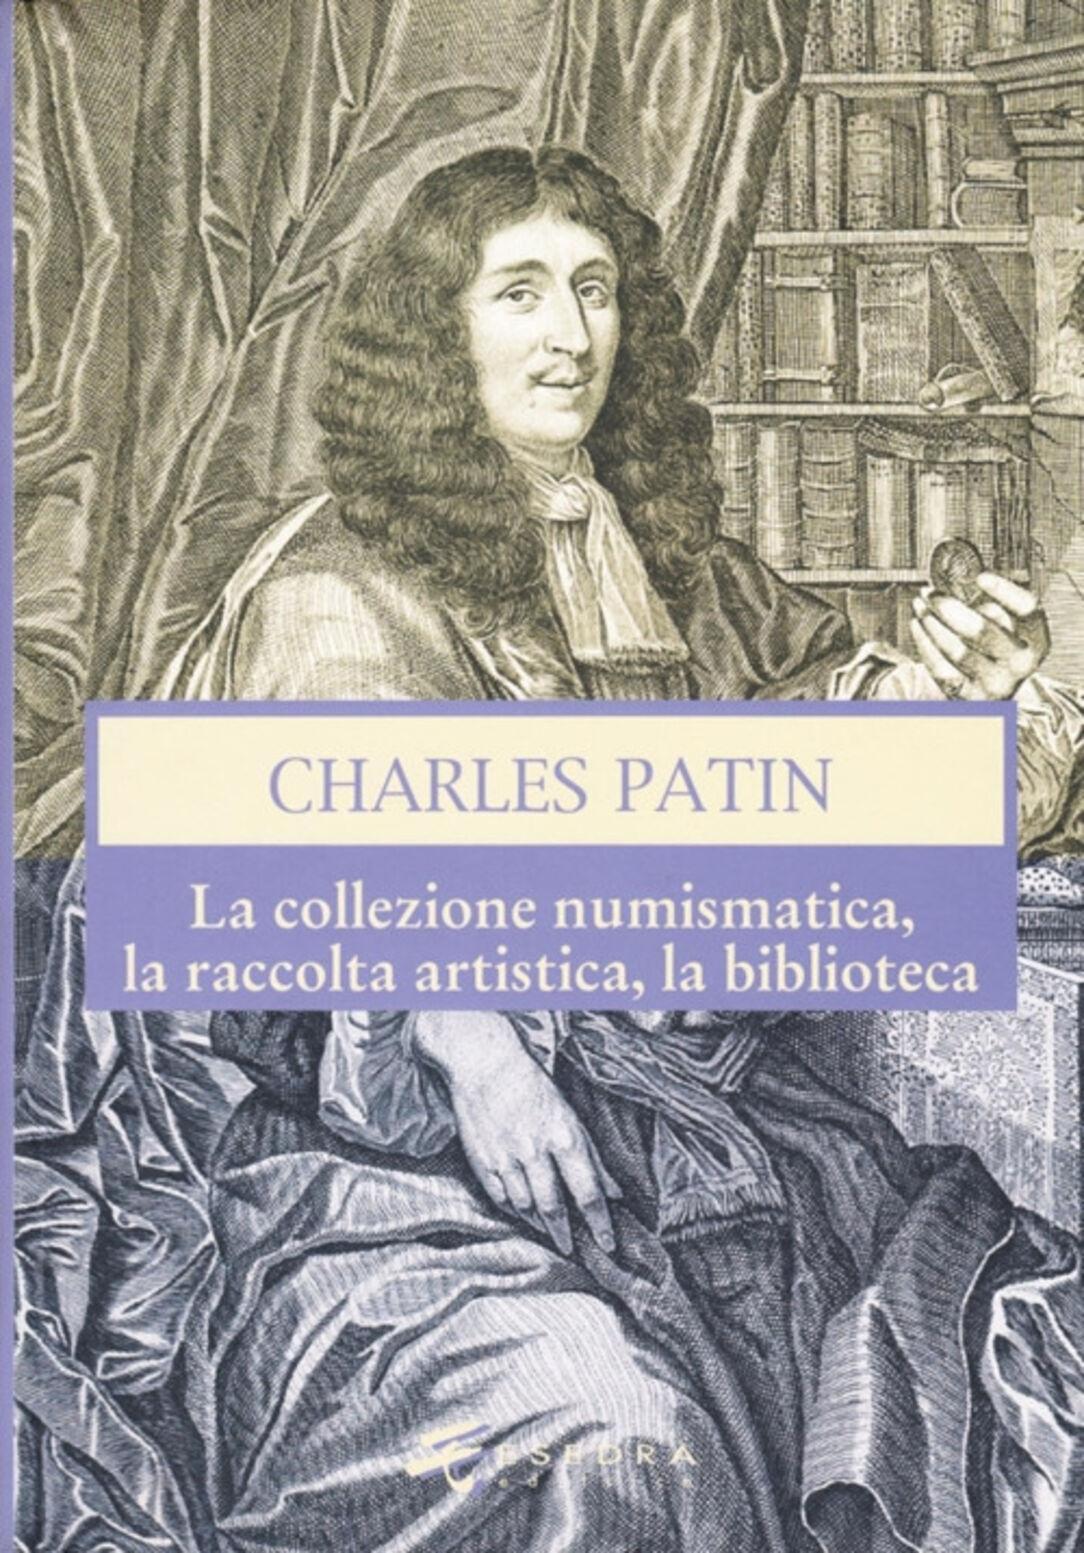 Charles Patin. La collezione numismatica, la raccolta artistica, la biblioteca